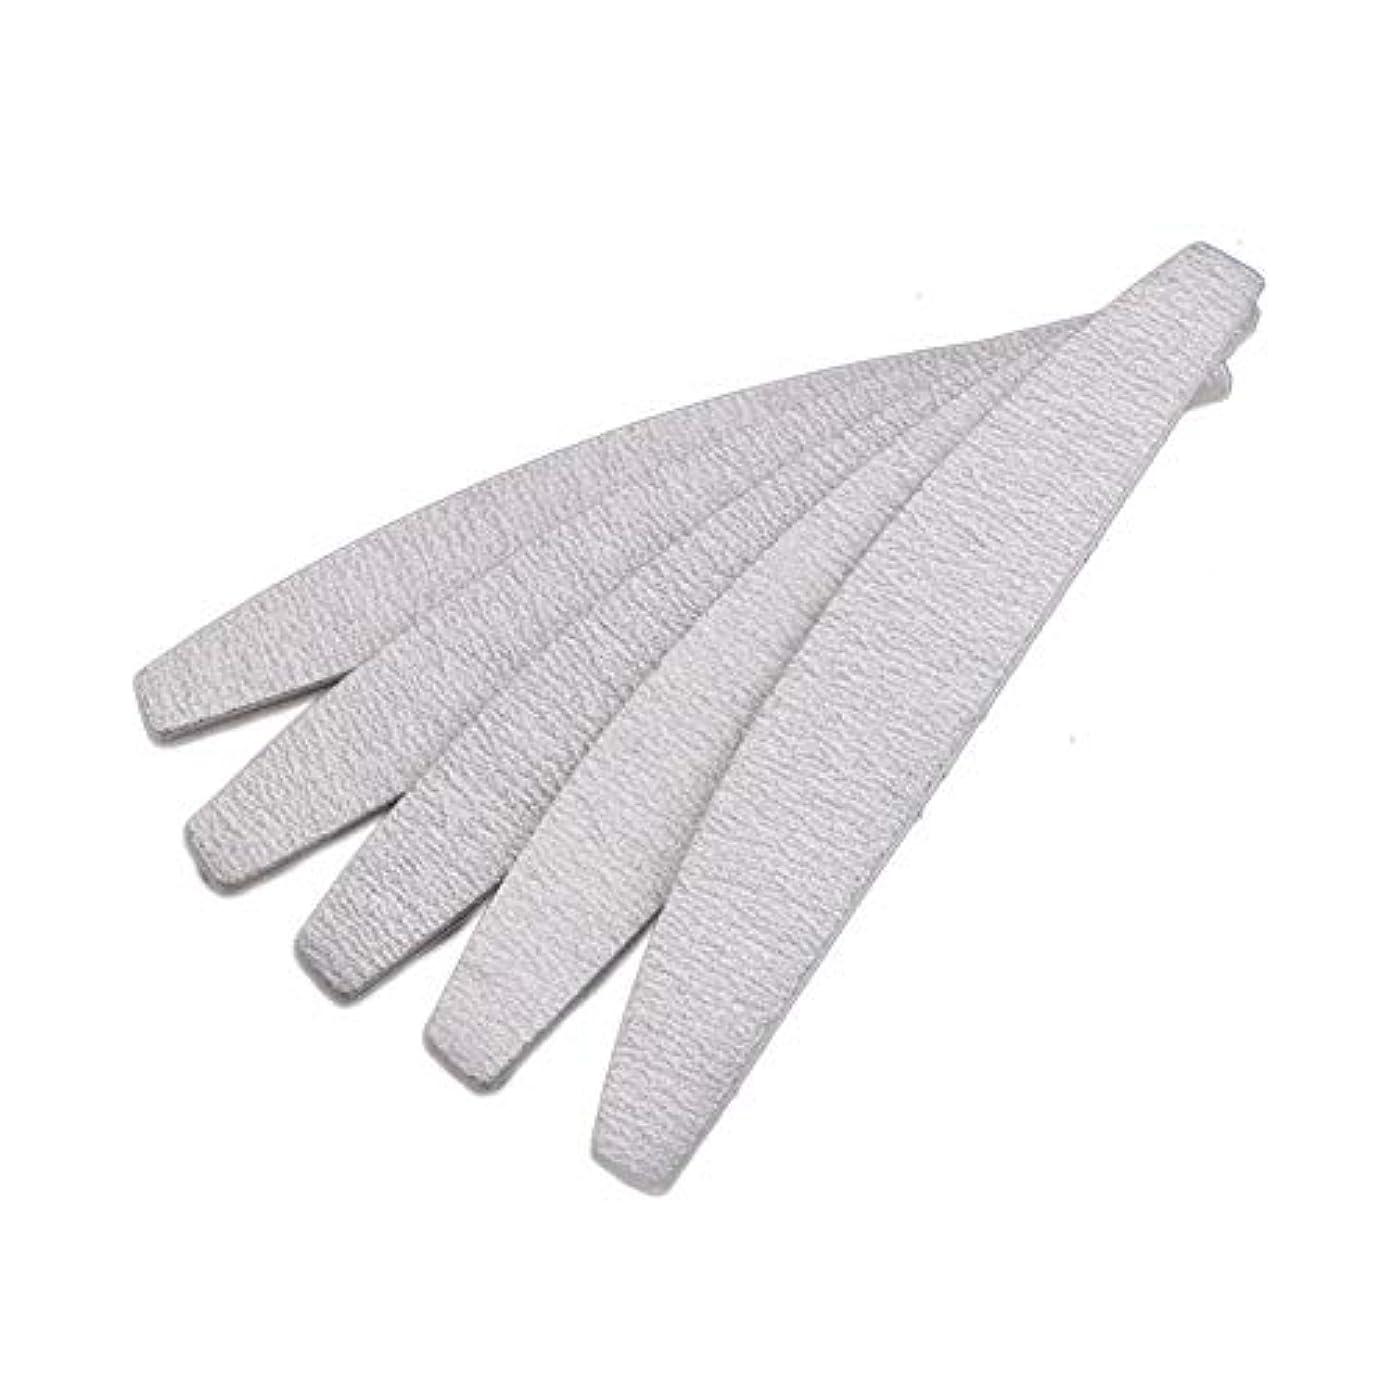 ダンスシーンモールス信号Semoic 爪やすり ネイルファイル、D形、両面、灰白/オフホワイト、10個